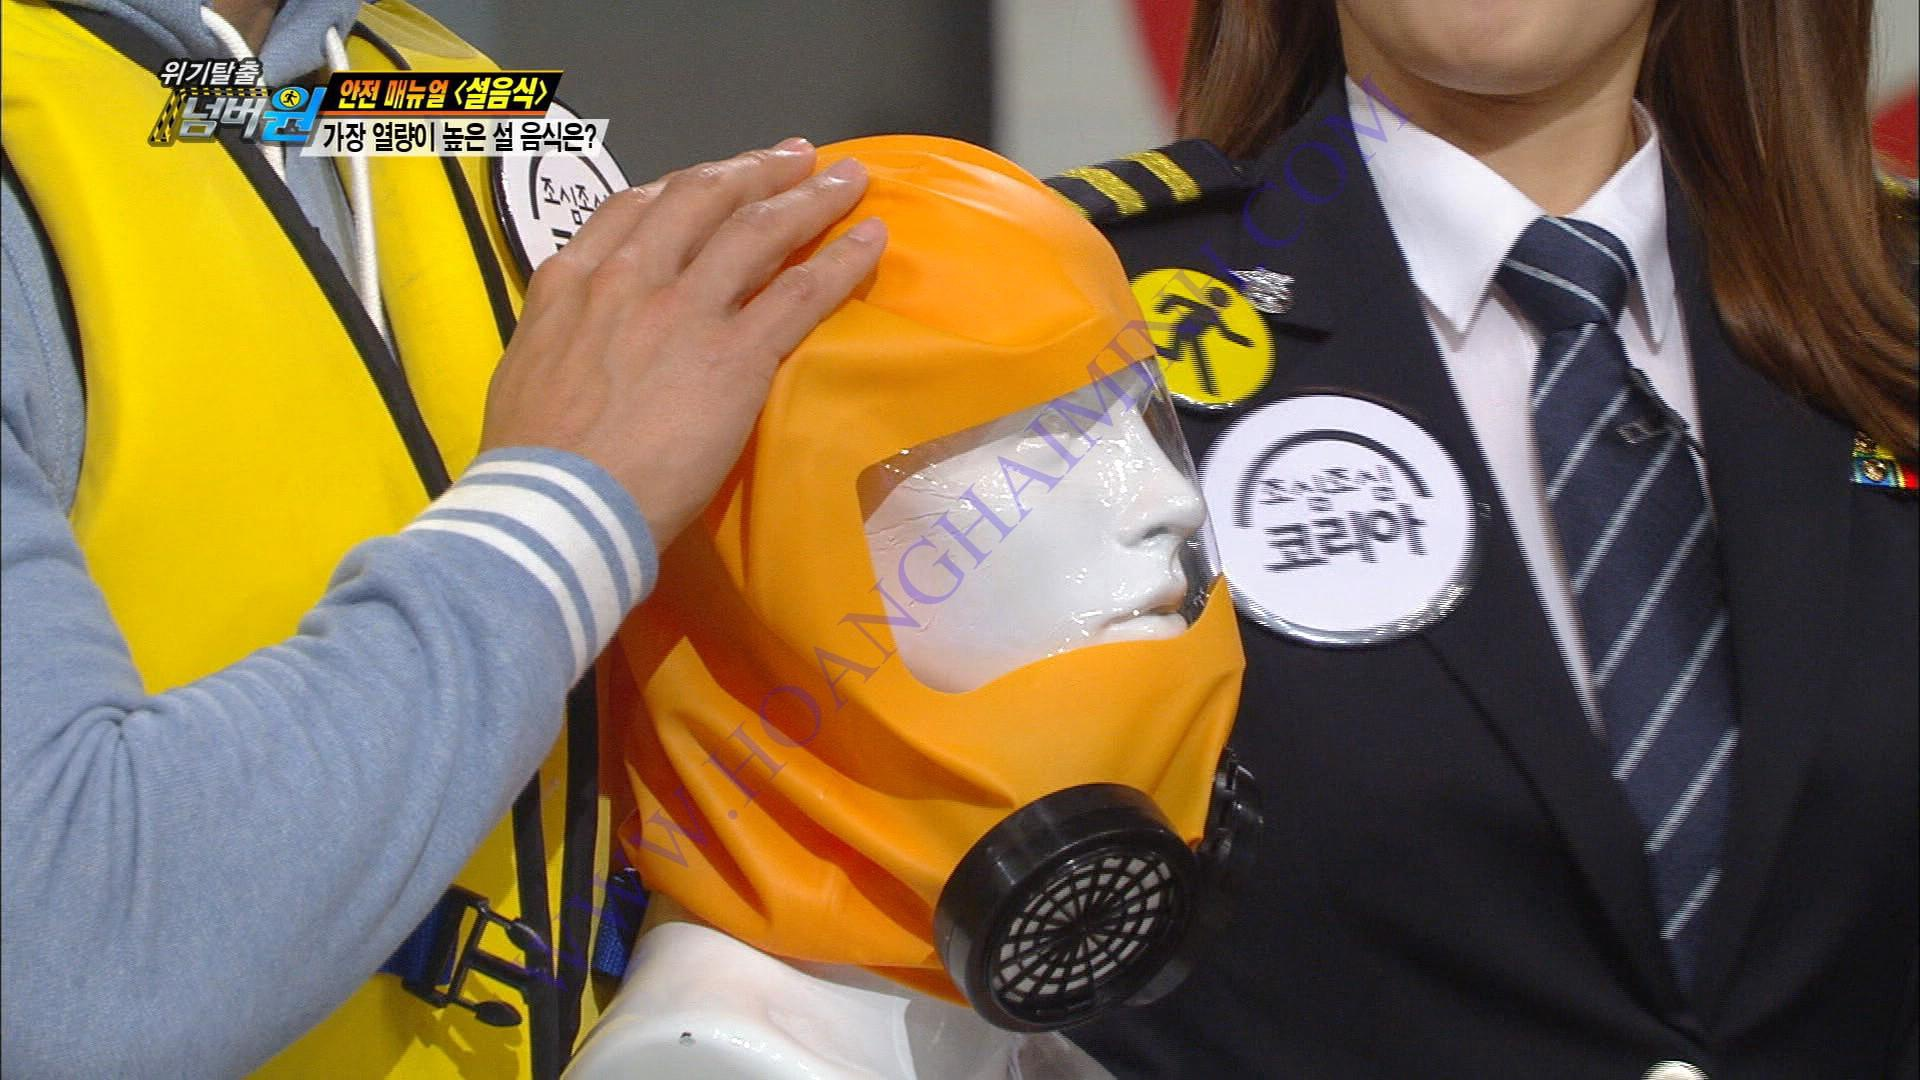 Mặt nạ thoát hiểm hỏa hoạn Eco Pure Korea - Hàn Quốc 2